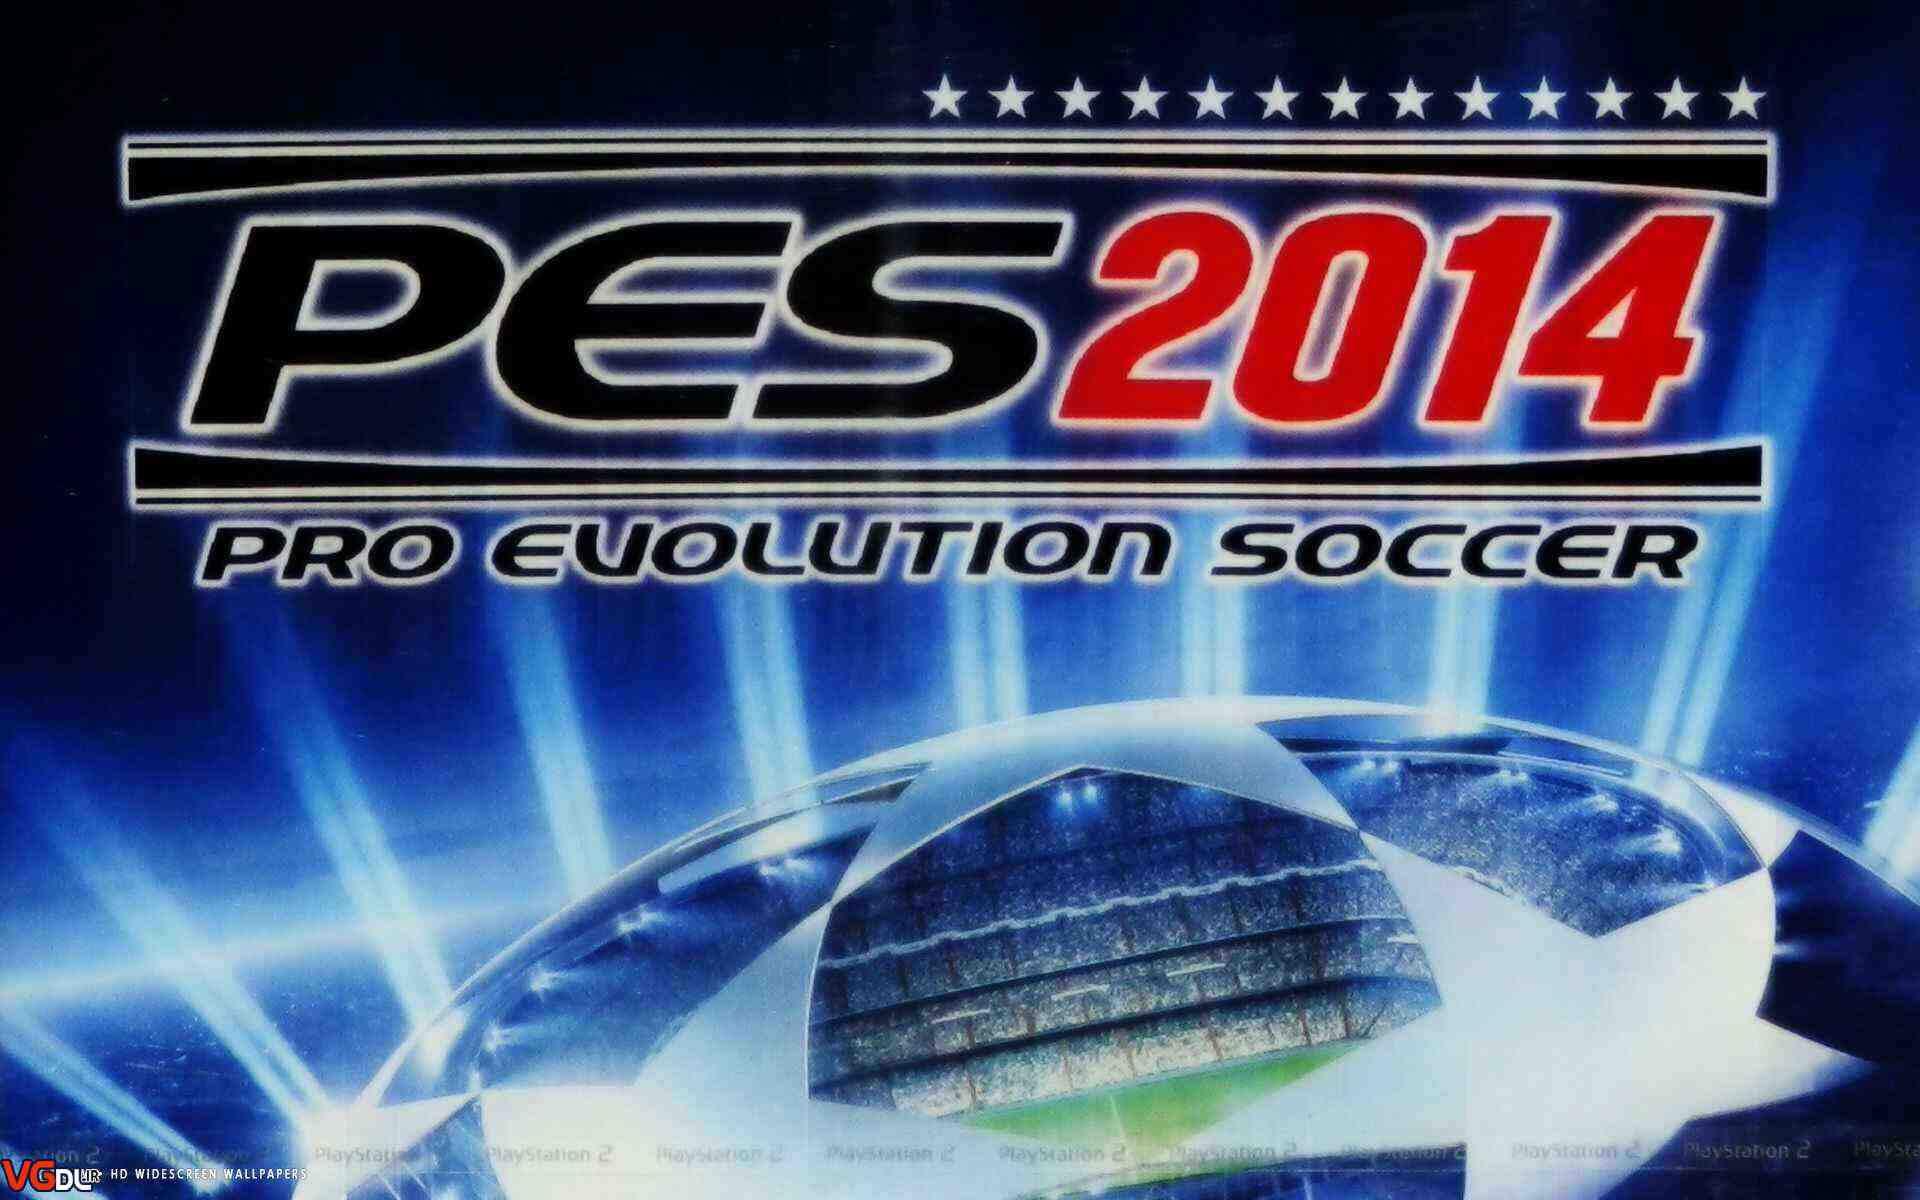 دانلود بازی Pro Evolution Soccer 2014 + all Update + نسخه فشرده کامل و کم حجم برای کامپیوتر(پی اس 2014 گزارش فارسی)